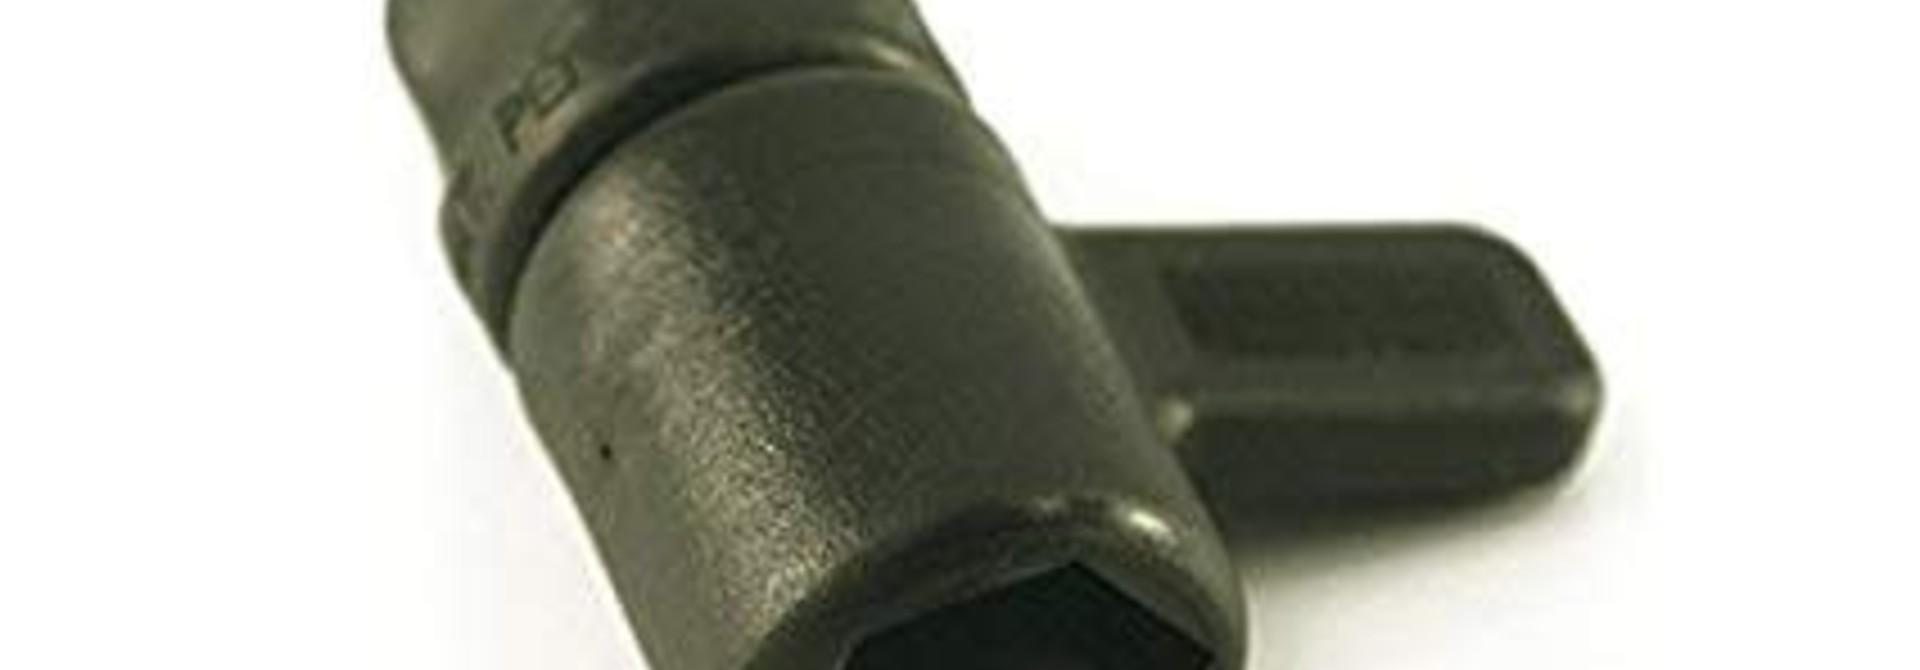 ProRockGear Bullet Jack Guitar Wrench APBGTT01